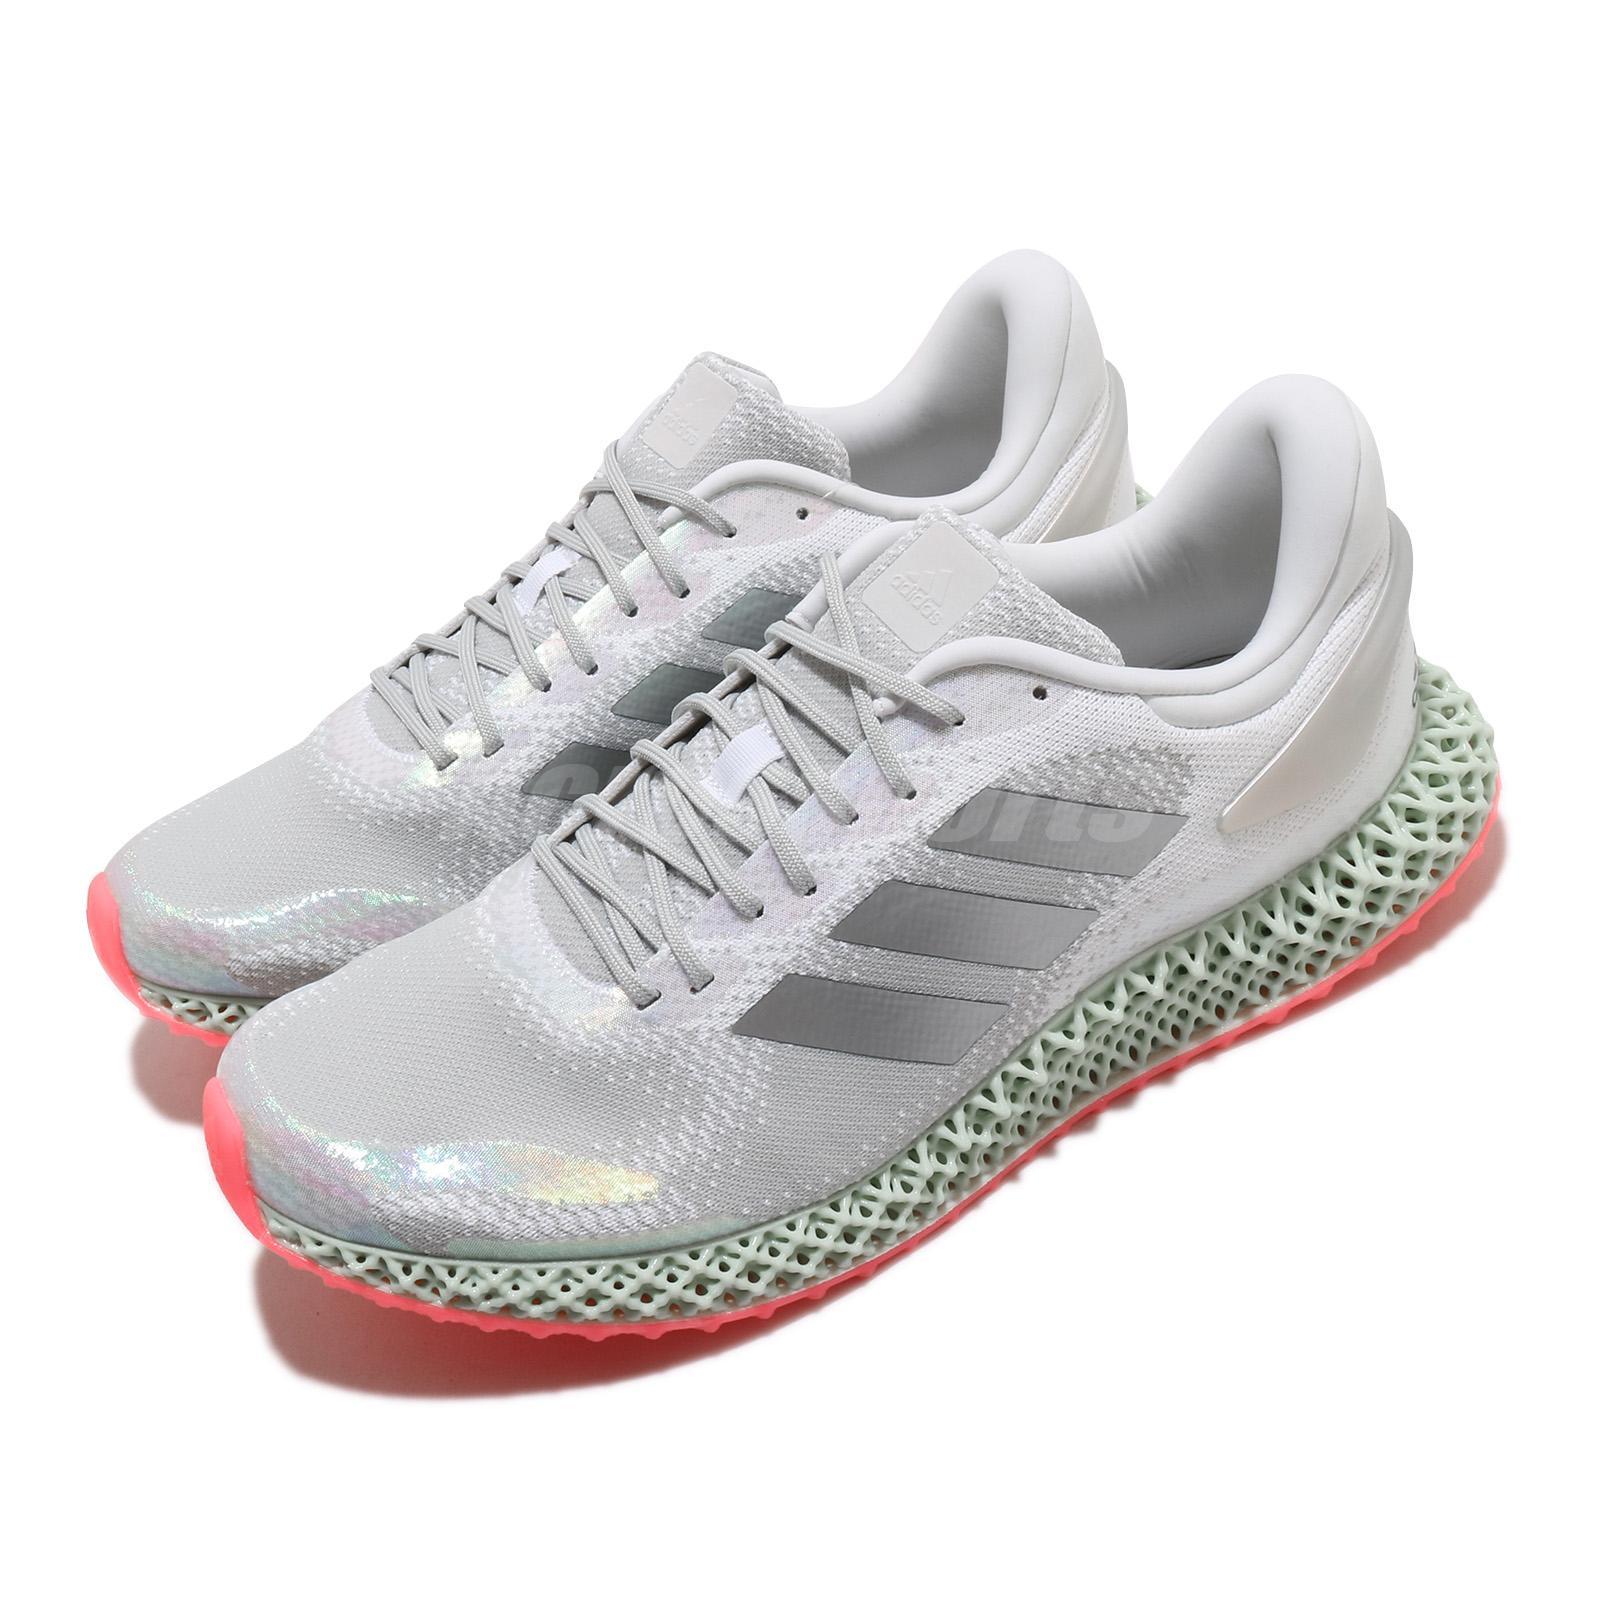 adidas 4D Run 1.0 Silver White Green